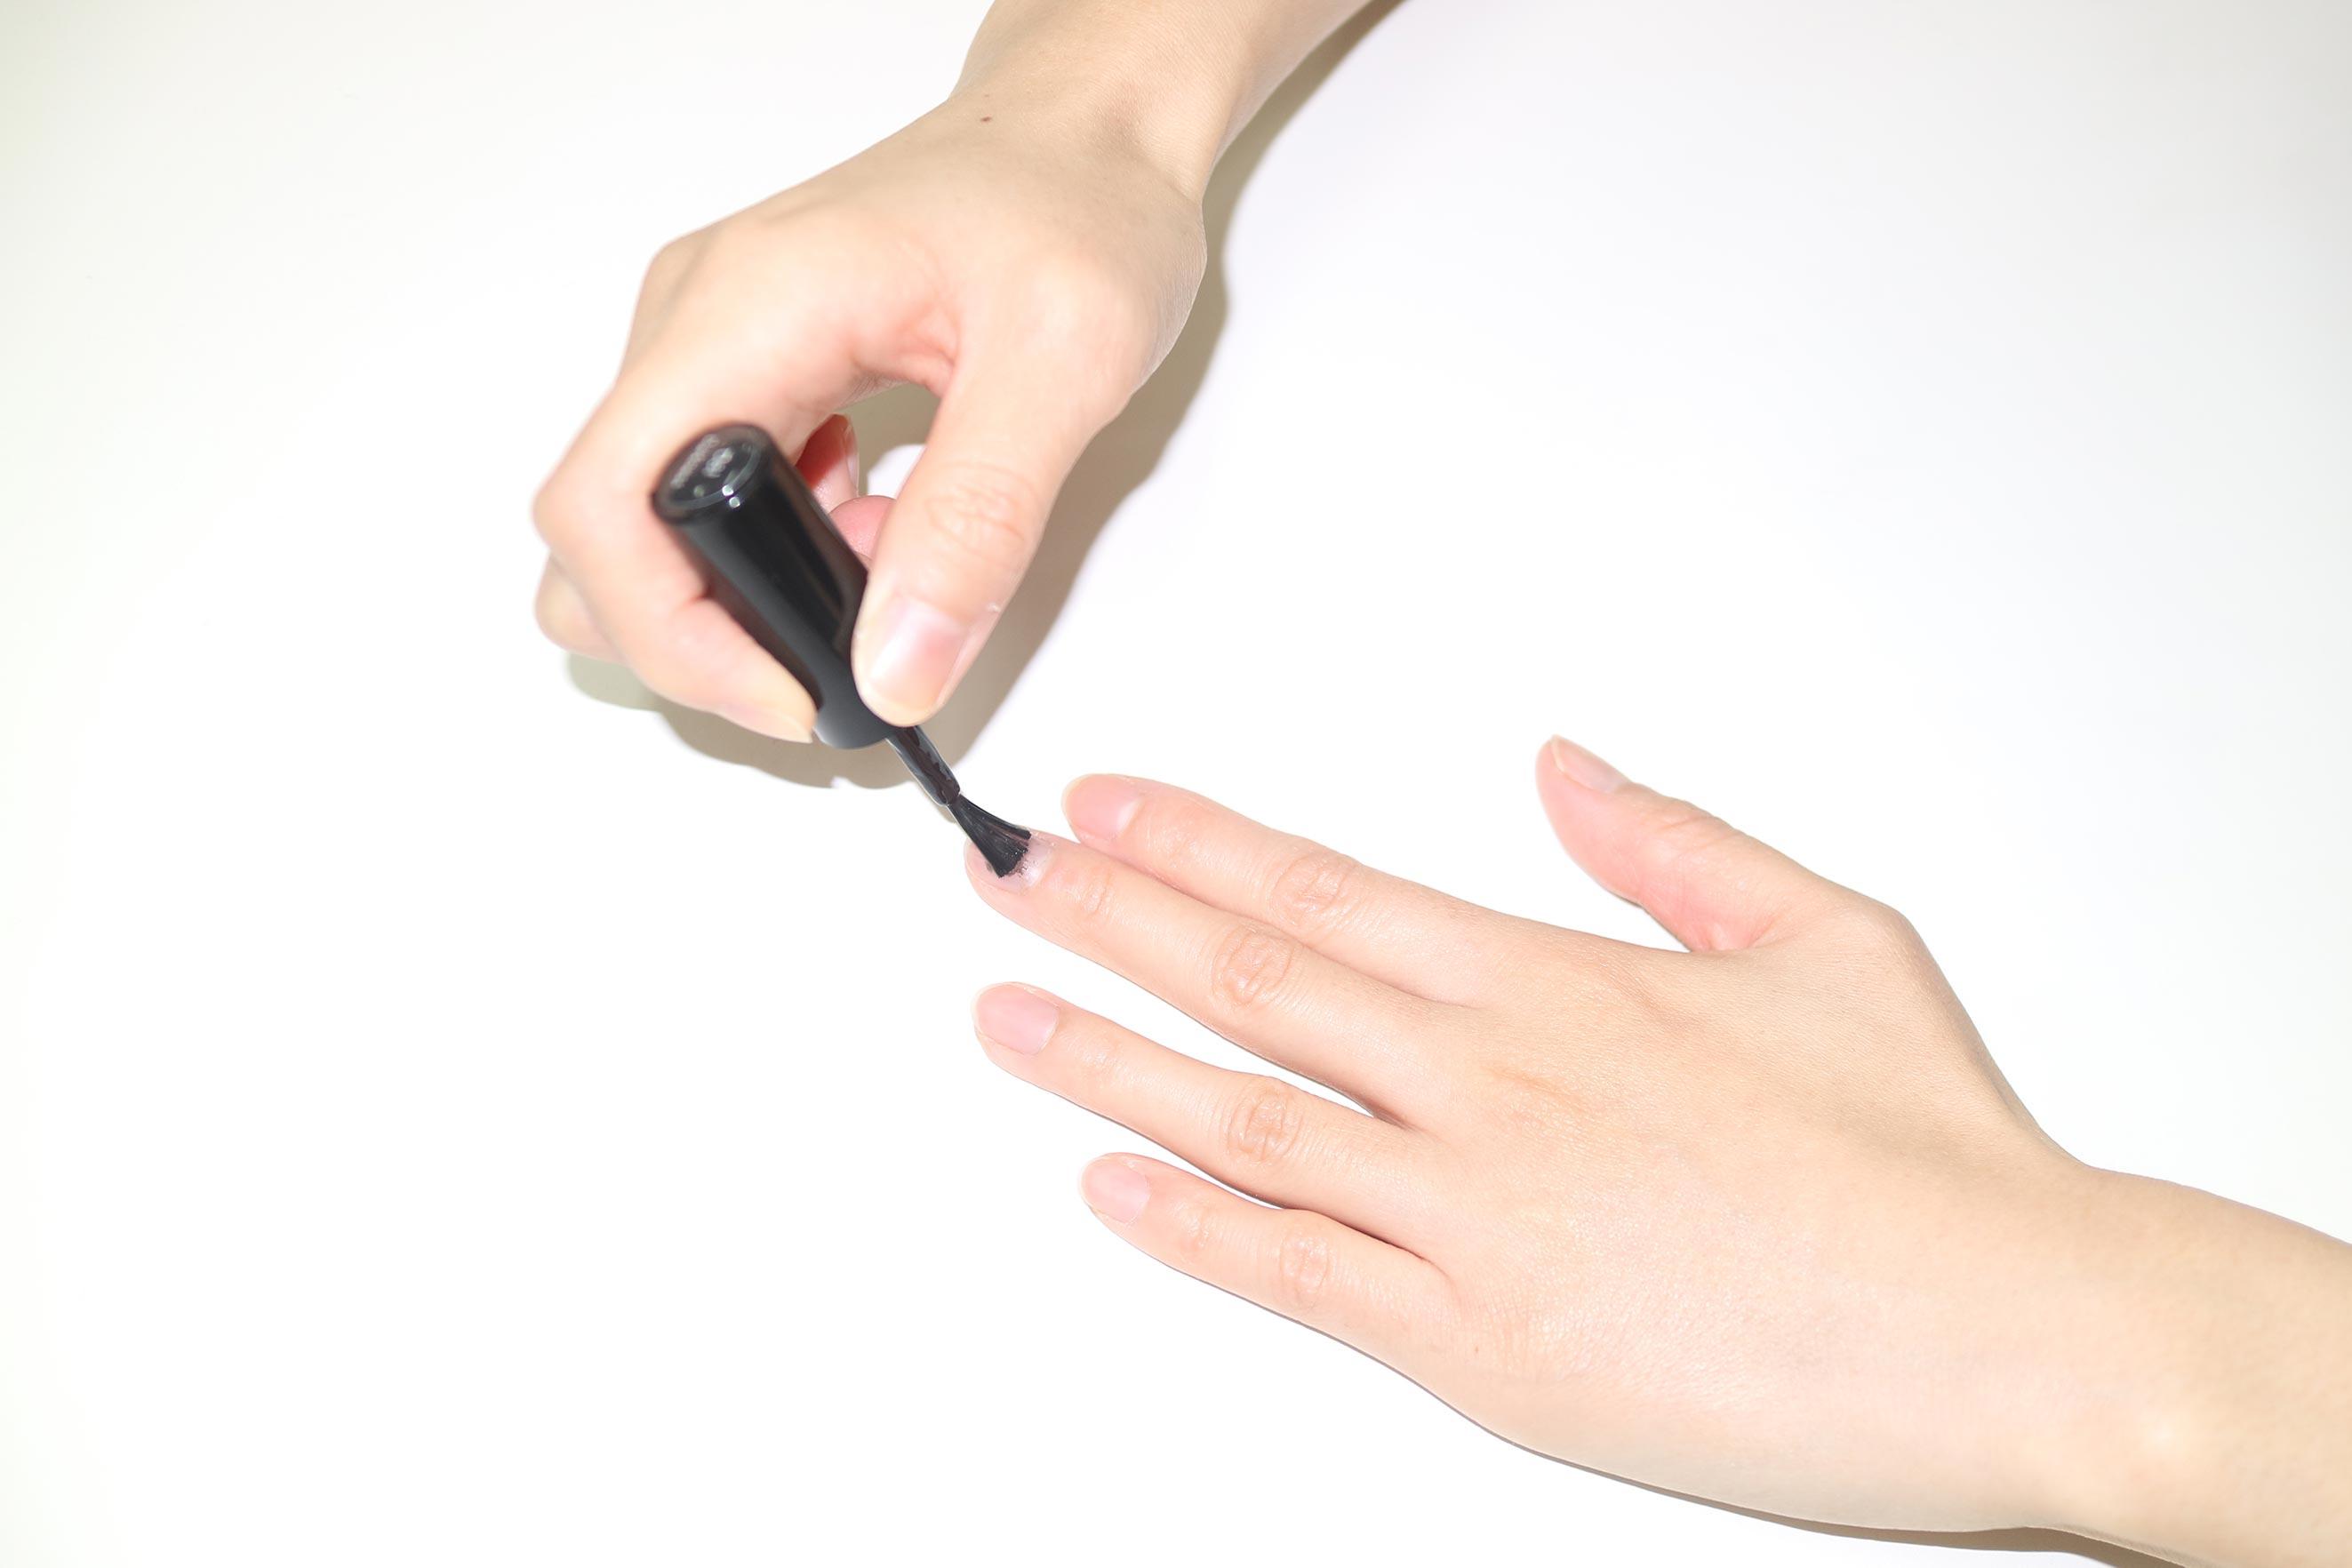 テーブルの上に手を置いて、ブラシを上から押し付けてジェルネイルを塗る